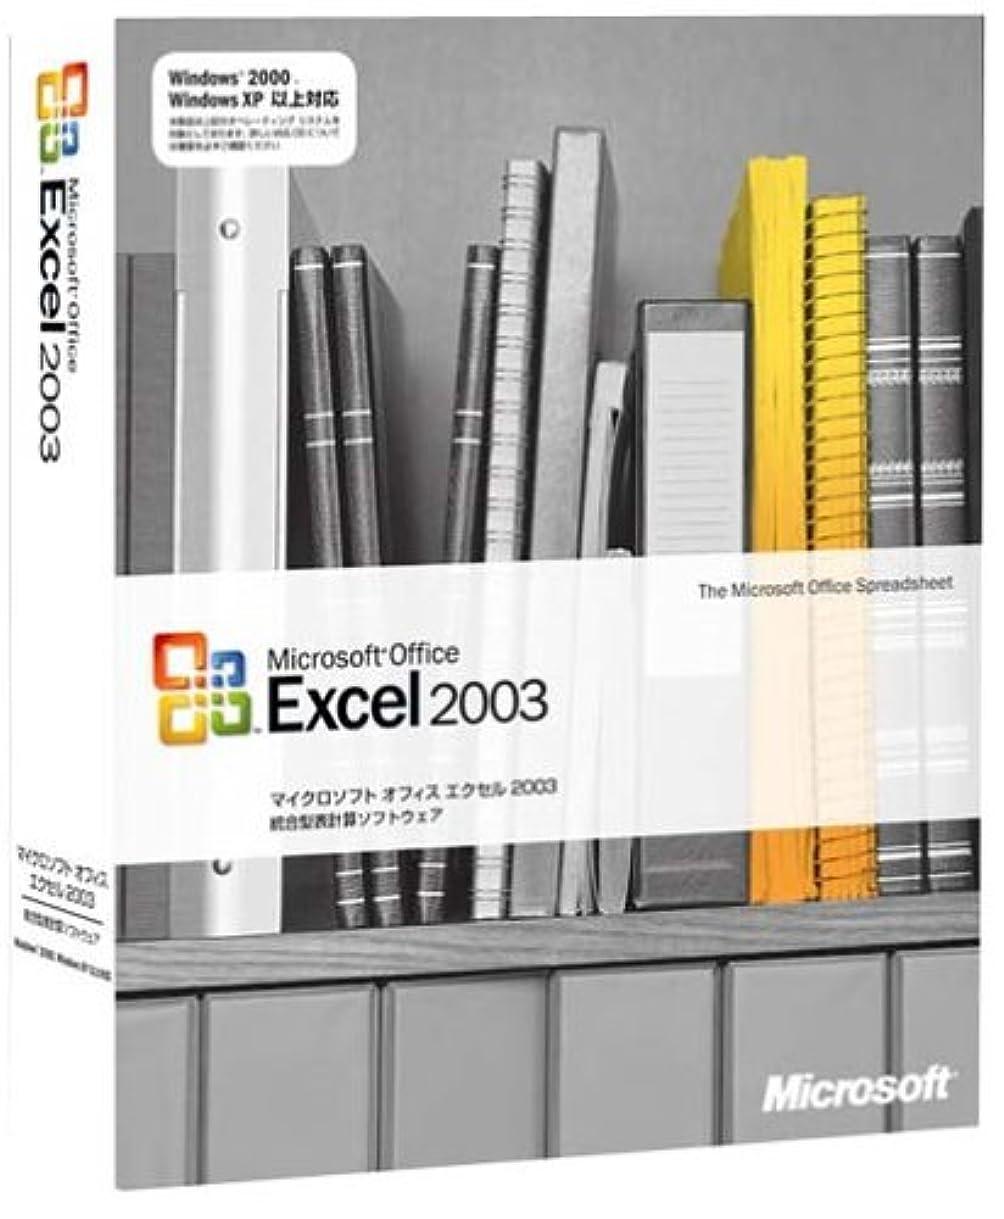 プロテスタント群れアテンダント【旧商品/サポート終了】Microsoft  Office Excel 2003